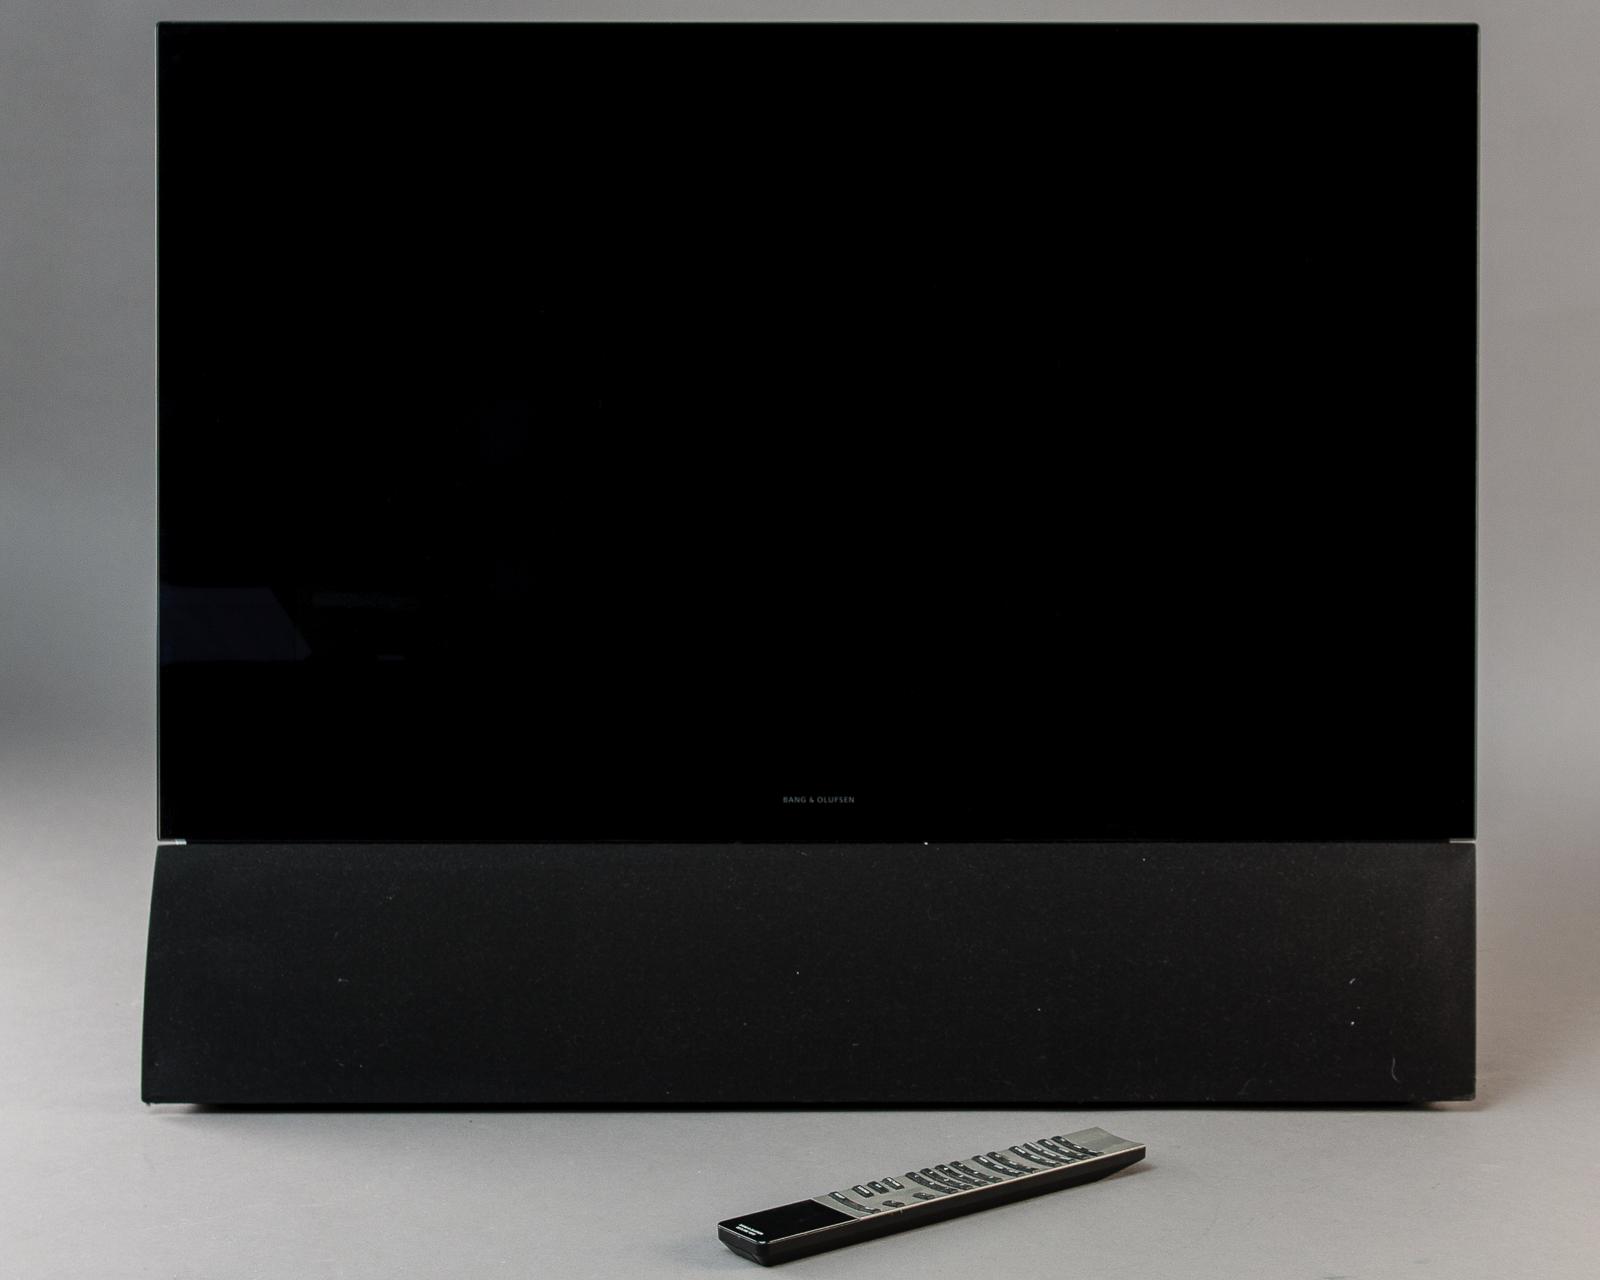 Bang & Olufsen, Beovision 6 / 26 med fjernbetjening - Bang & Olufsen, BeoVision 6 / 26 fladskærms-tv med Beolink 1000 fjernbetjening og vægbeslag. Alm. brugsspor. Lauritz.com indestår ikke for funktionaliteten